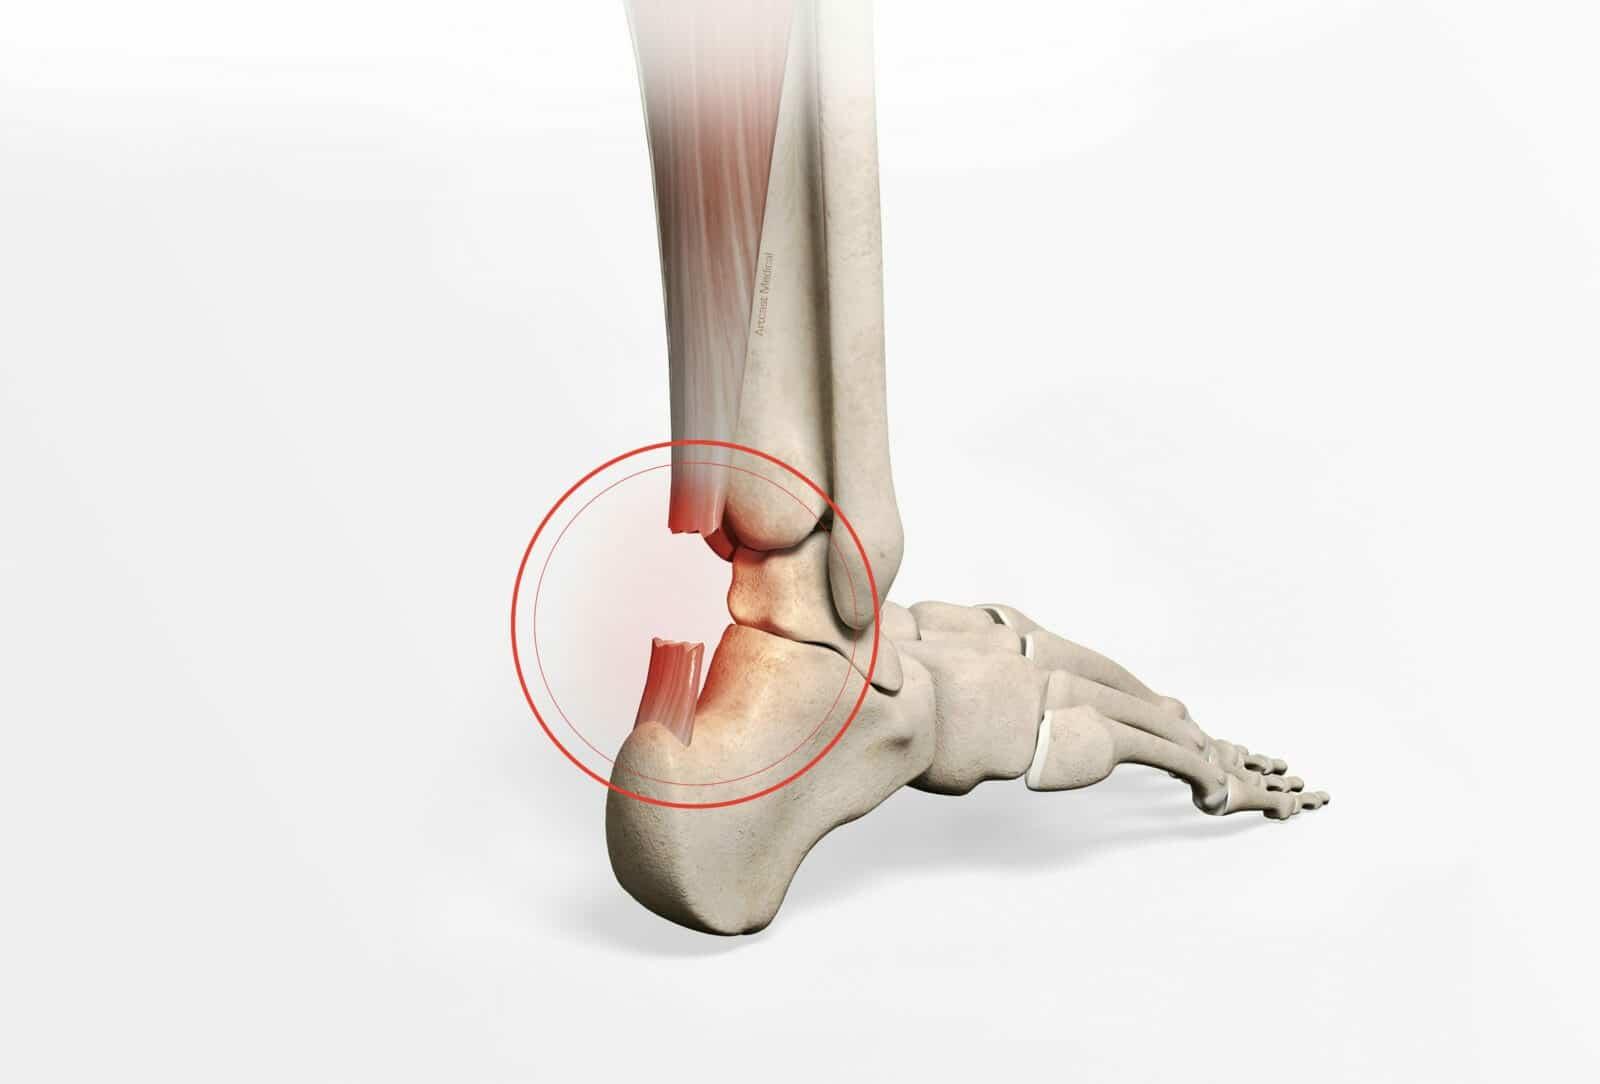 Réparation du tendon d'achille - Chirurgie par dr Paillard à Paris